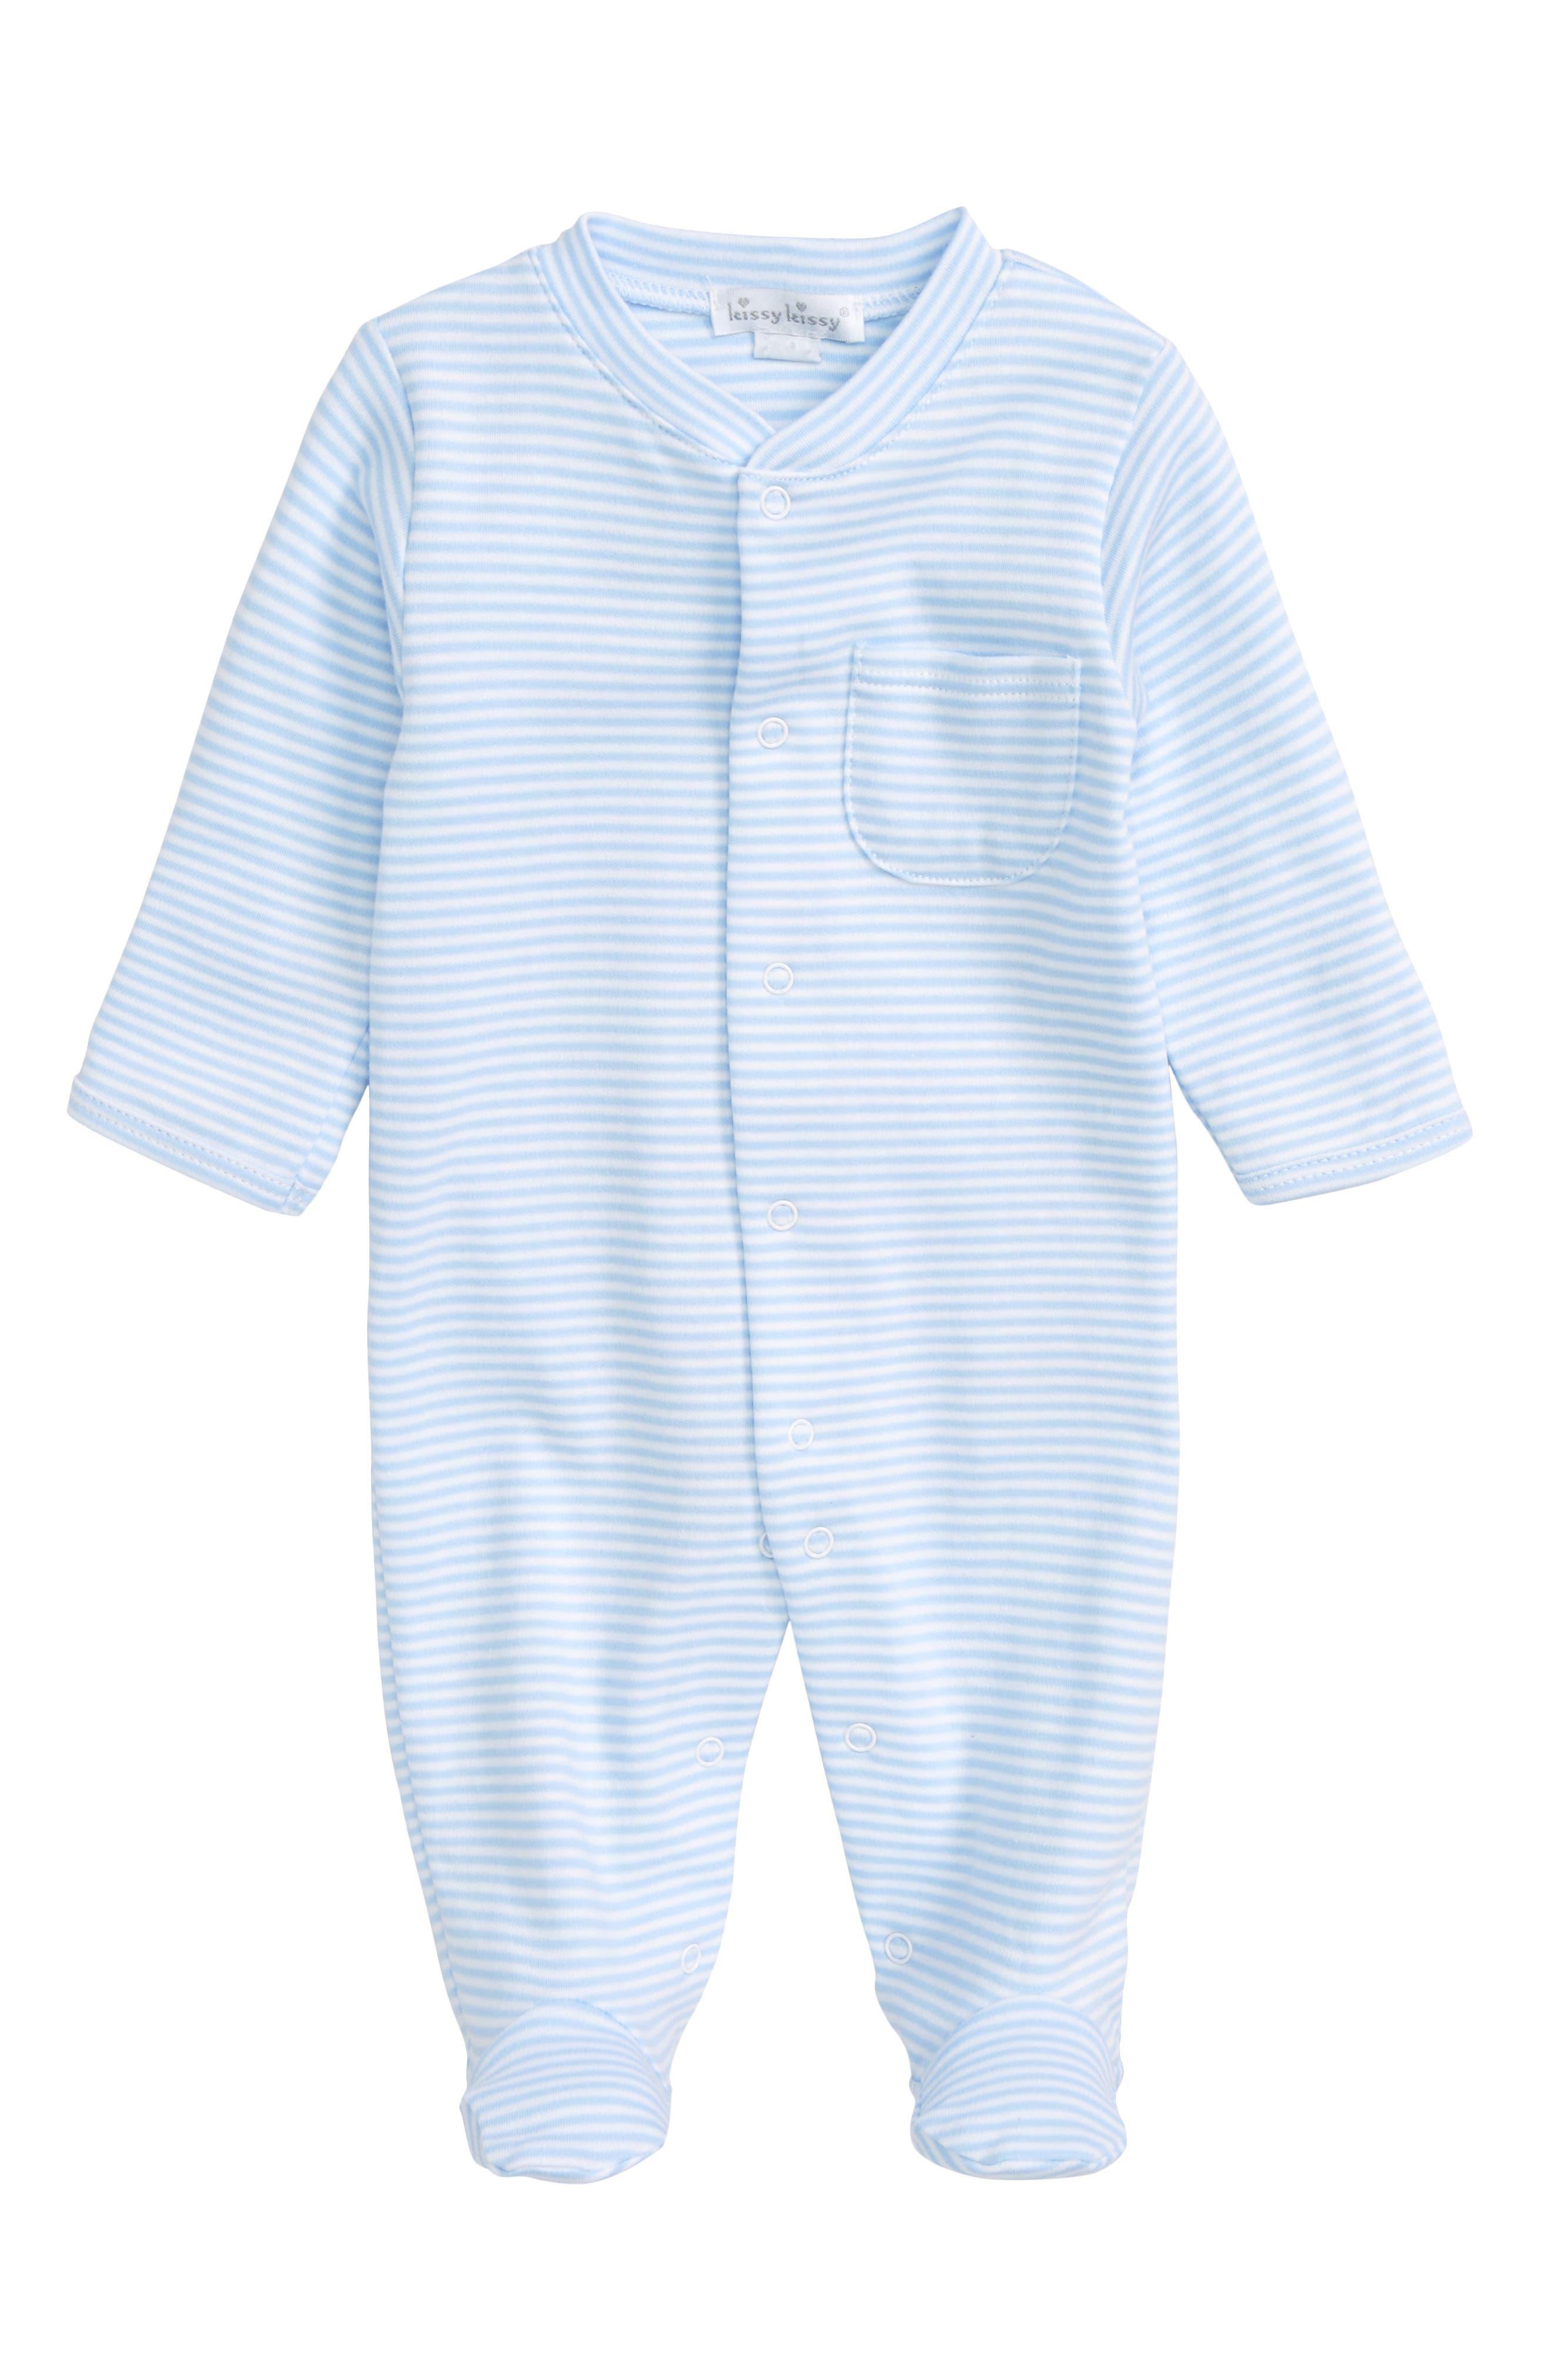 Stripe Pima Cotton Footie,                             Main thumbnail 1, color,                             Light Blue